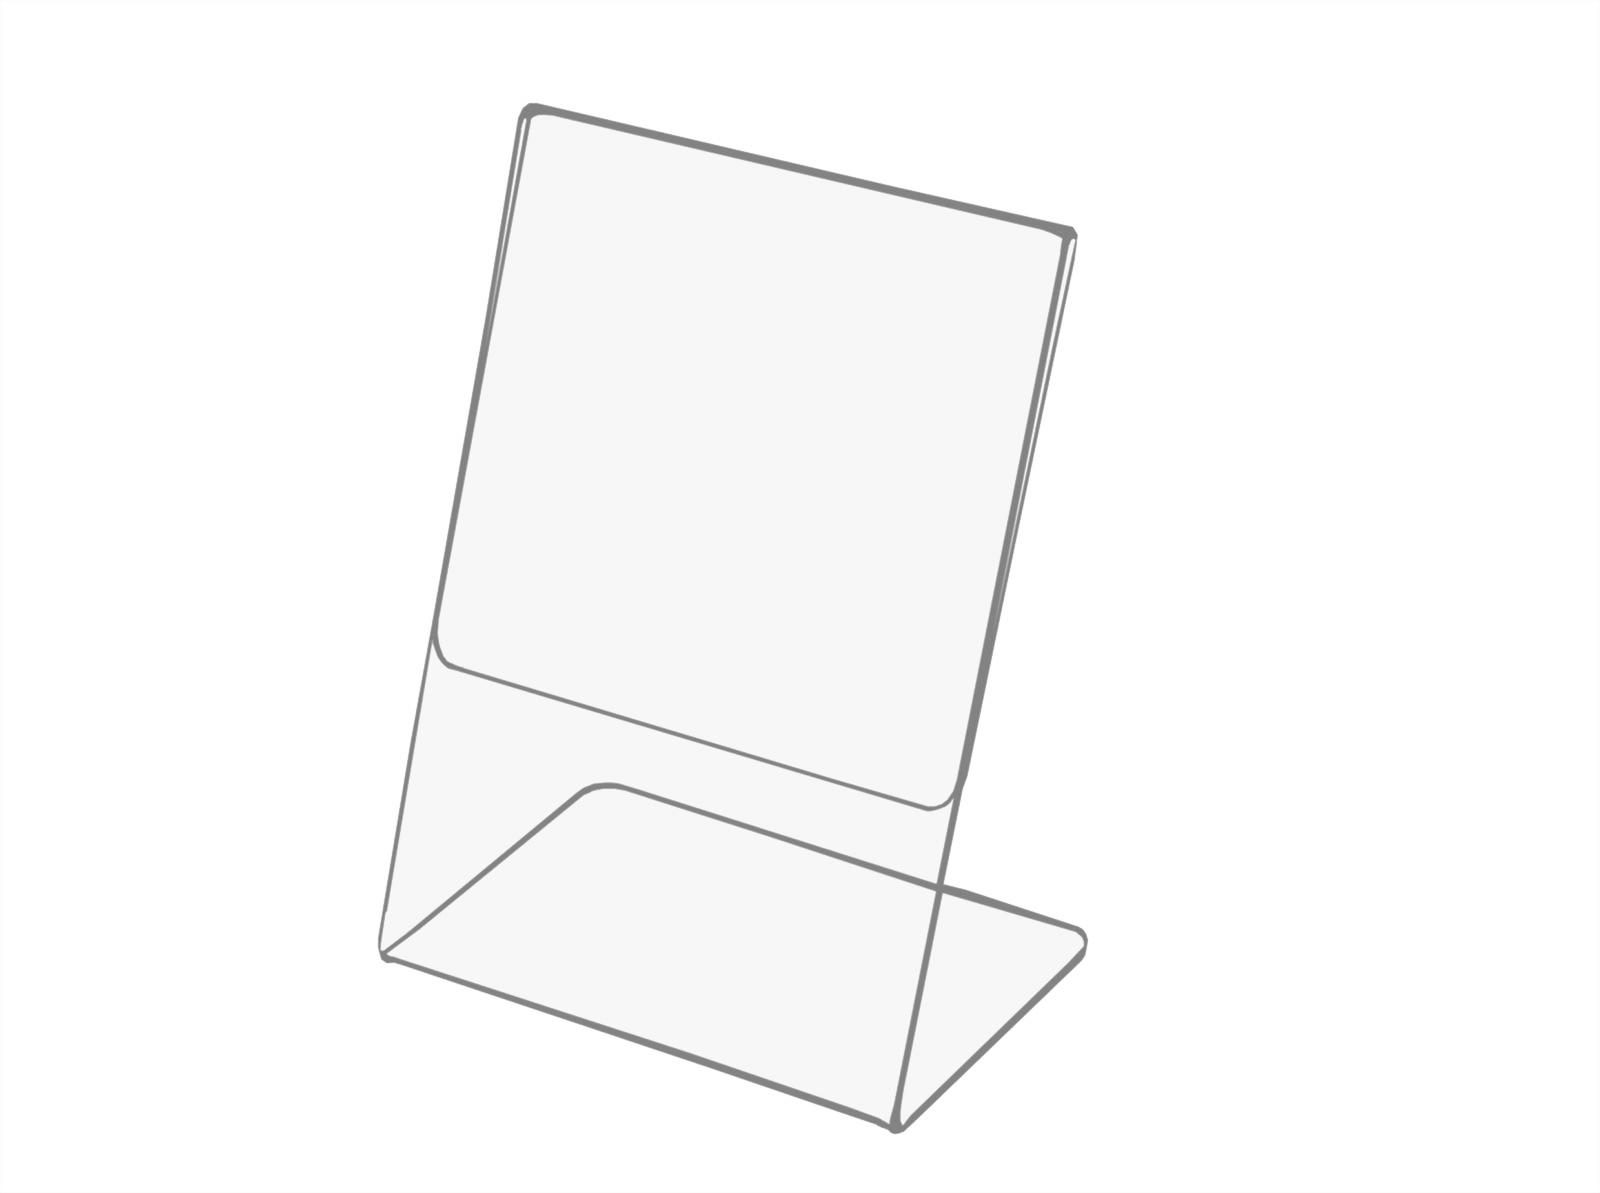 A4 Cenový stojan, popis, leták - ceny z plexi